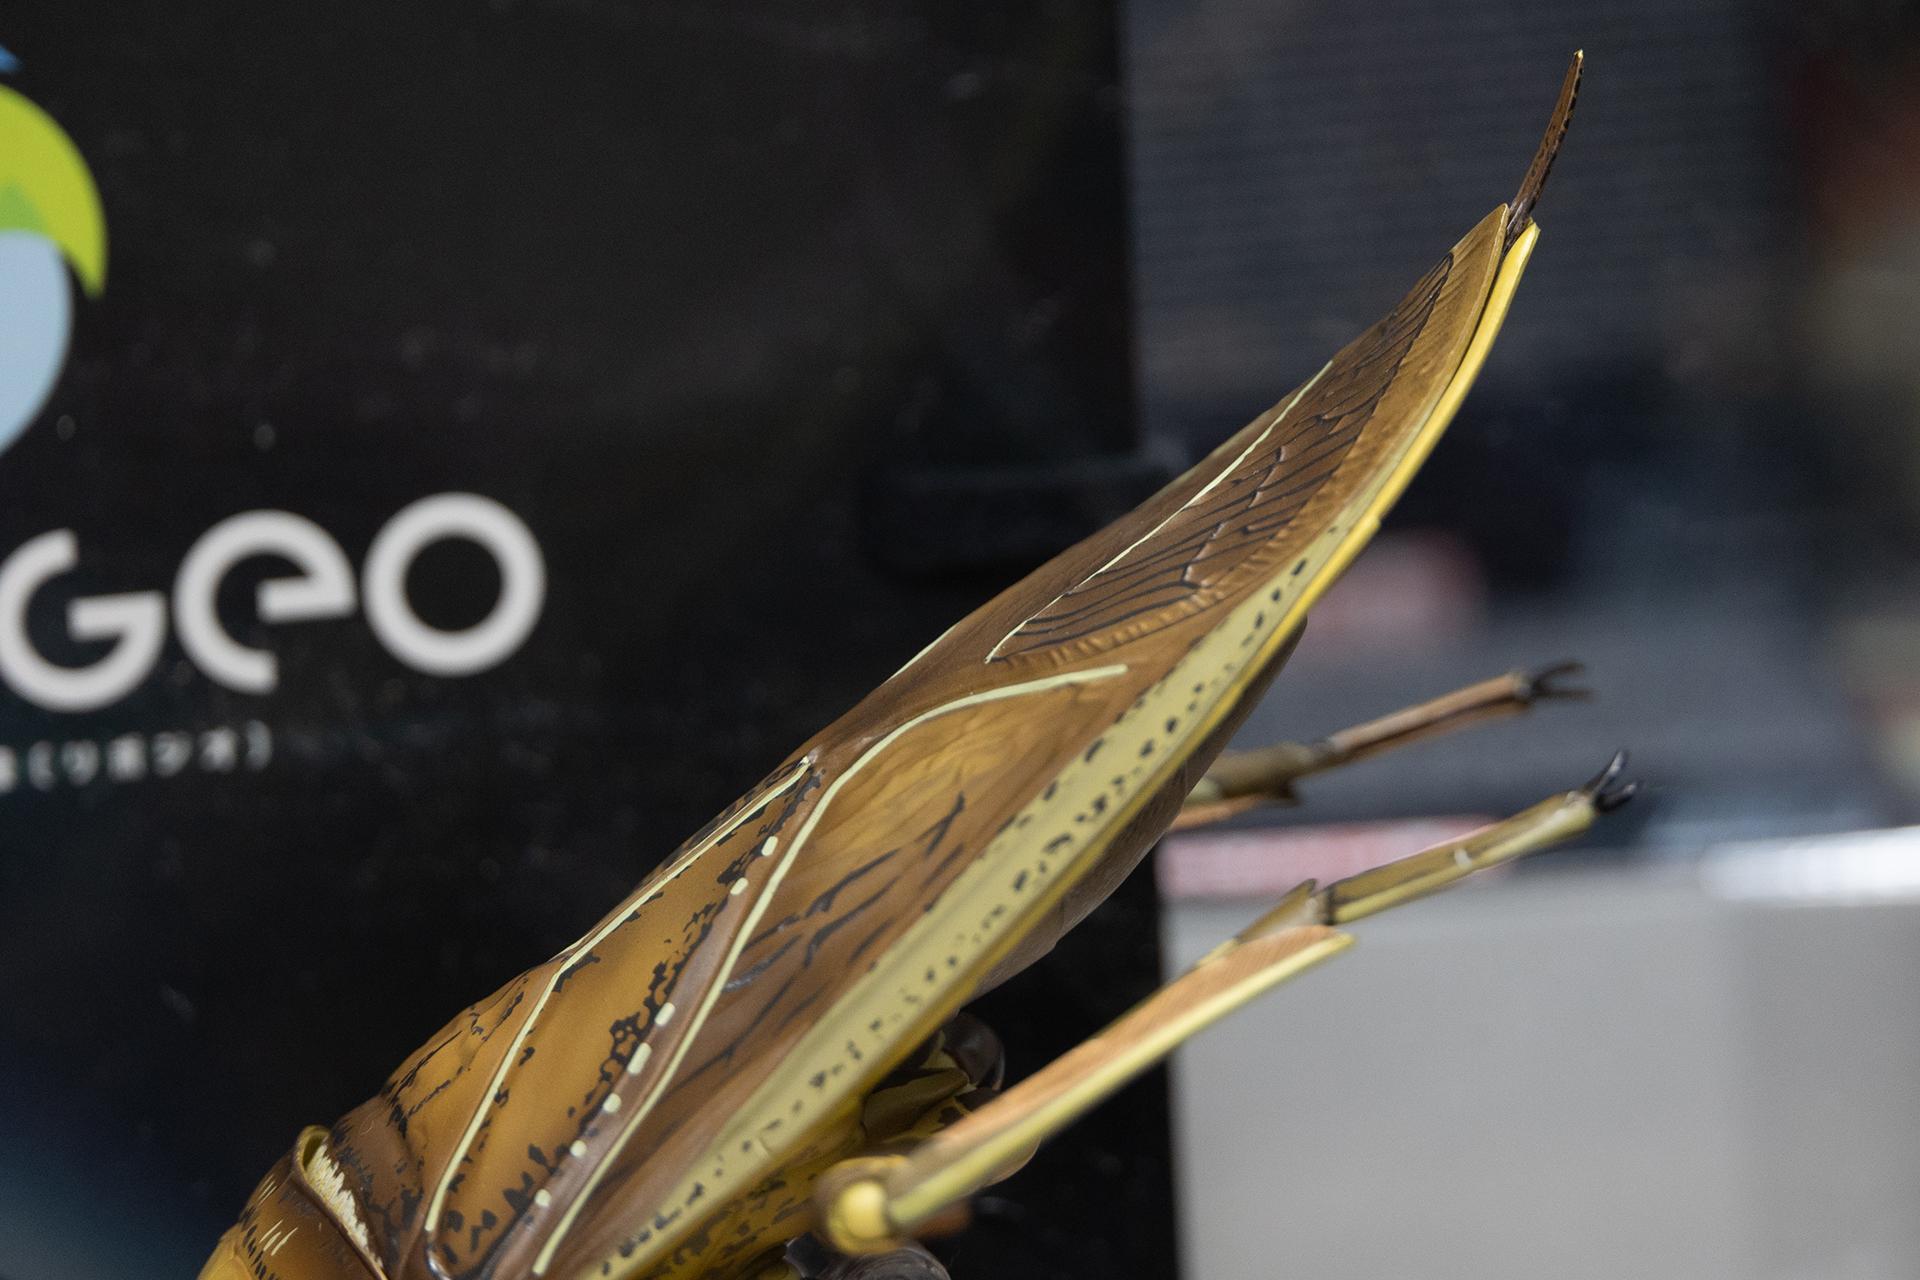 獲物を捕らえるときに、お尻を突き上げるような独特なポーズもしっかり再現されている